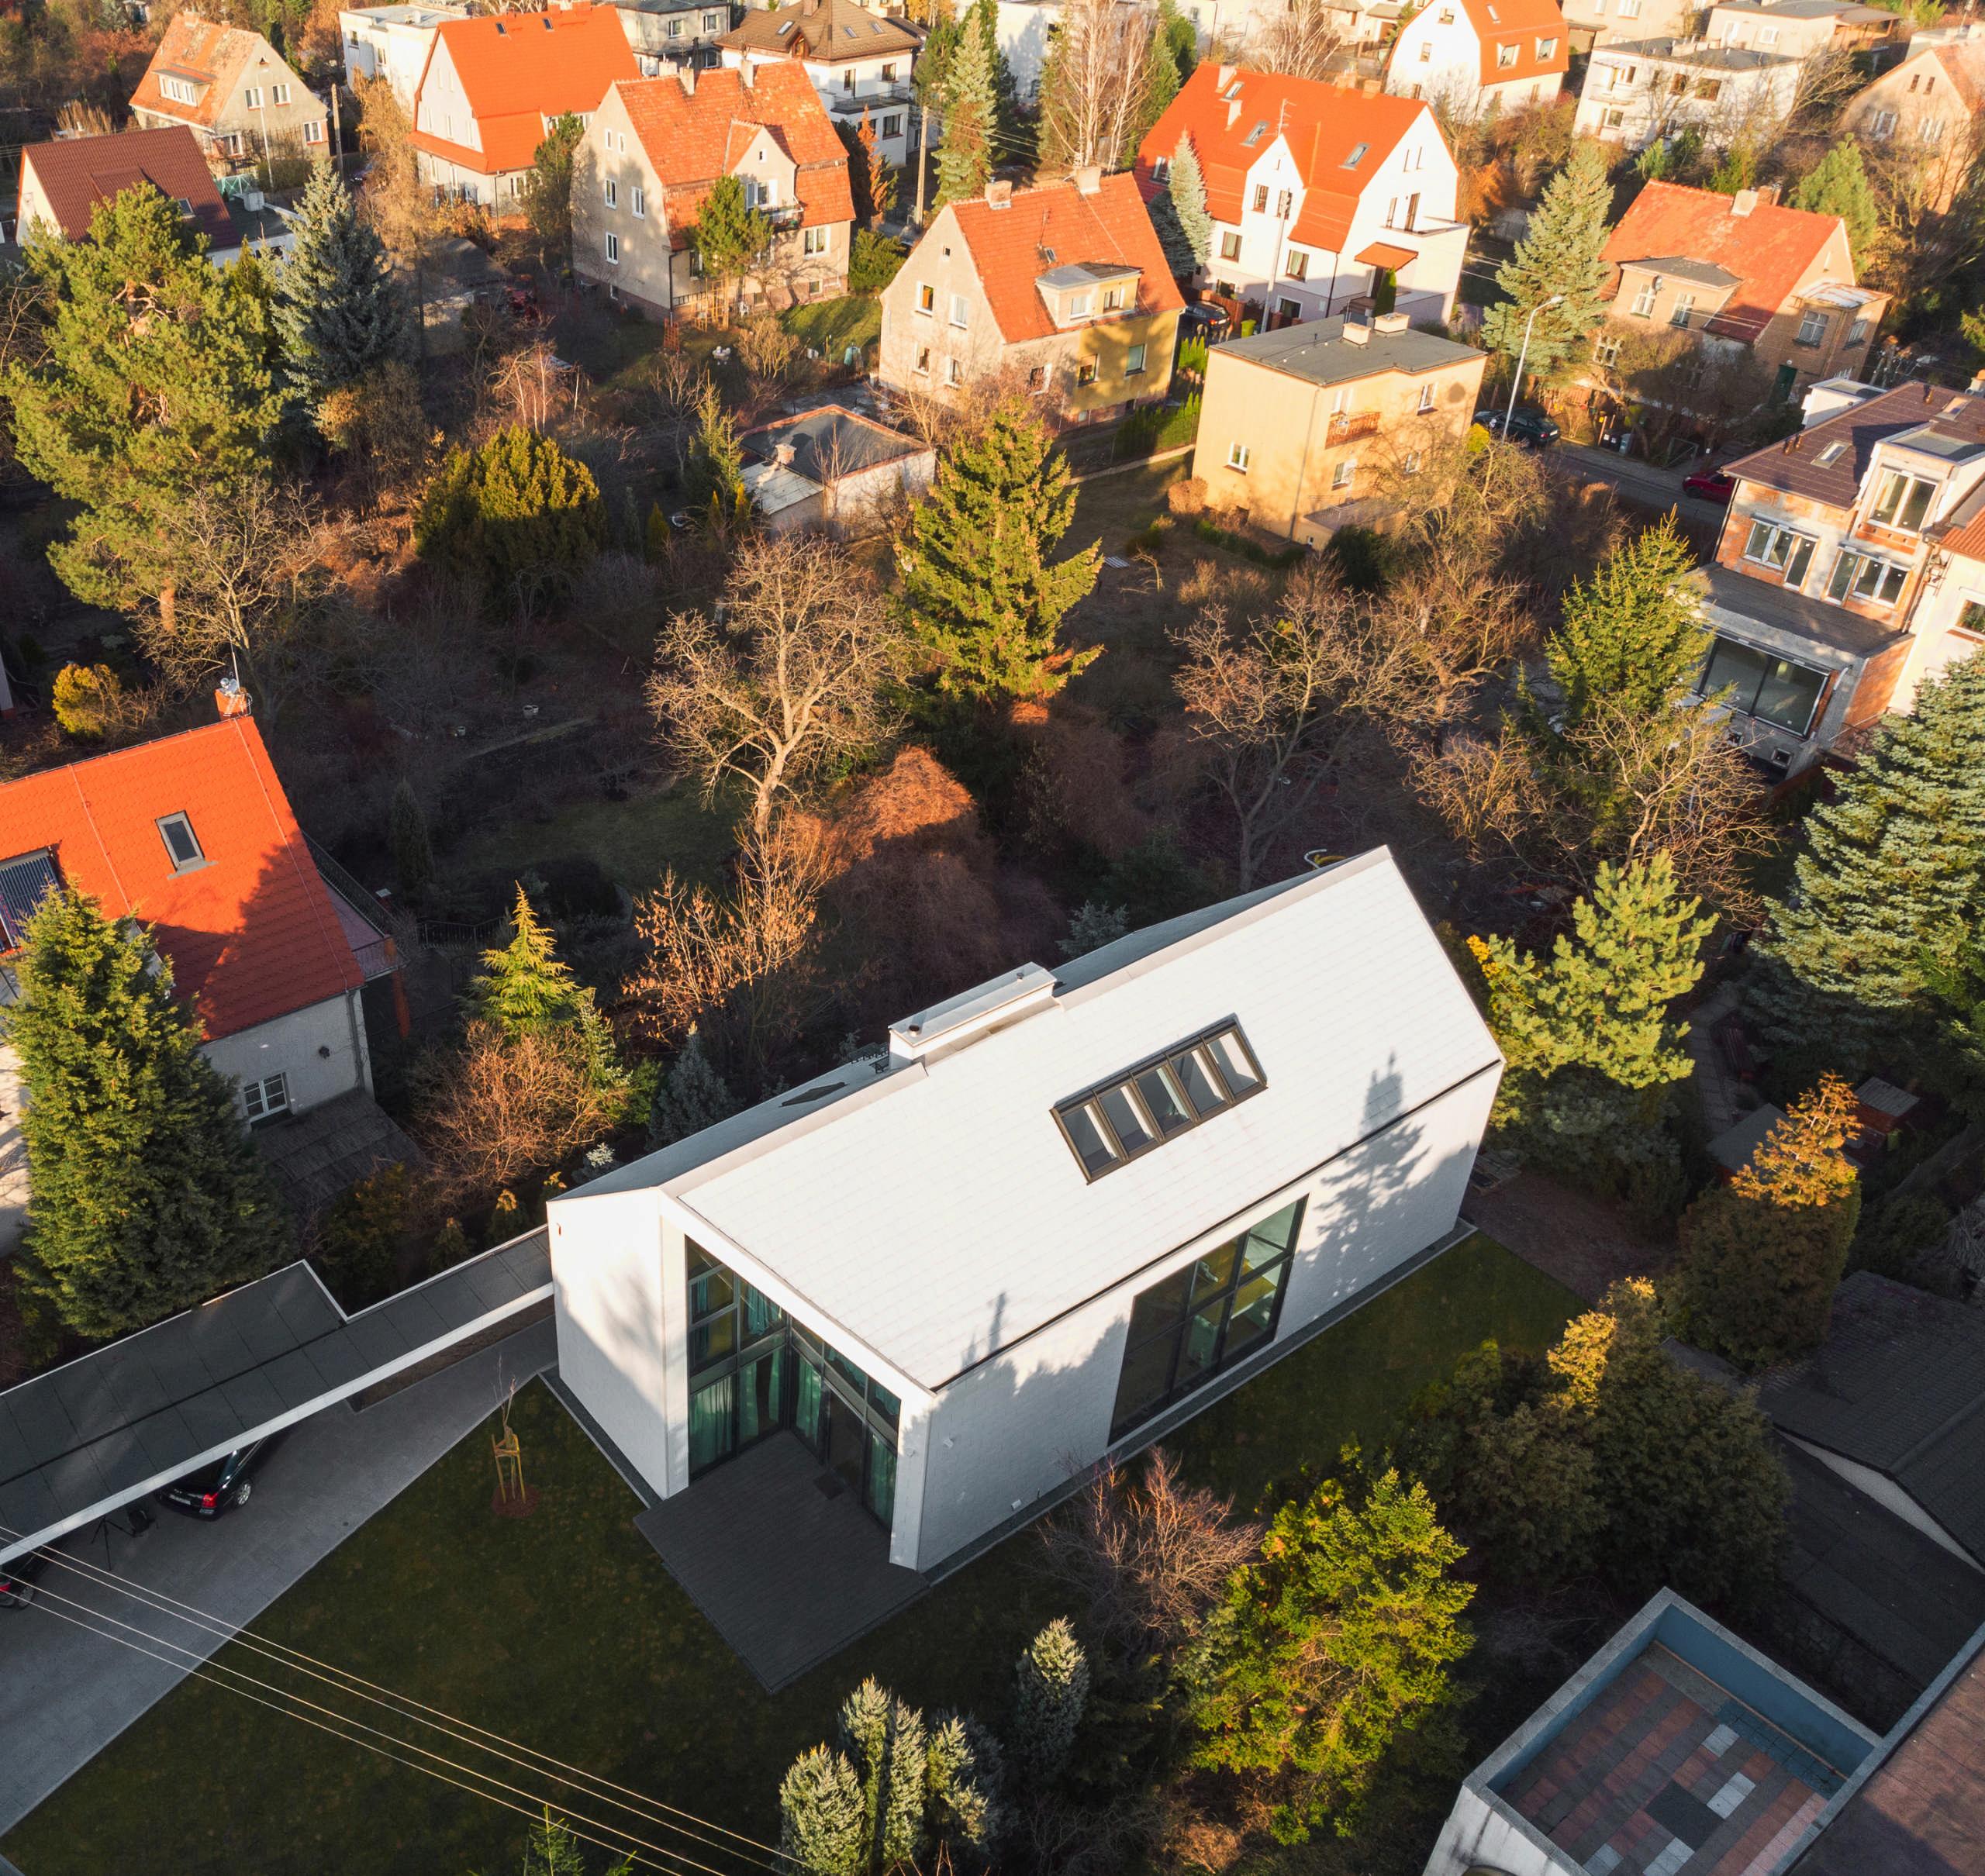 Płytka Cedral o powierzchni łupka w całości pokrywa elewację i dach domu, podkreślającjednolity charakter bryły